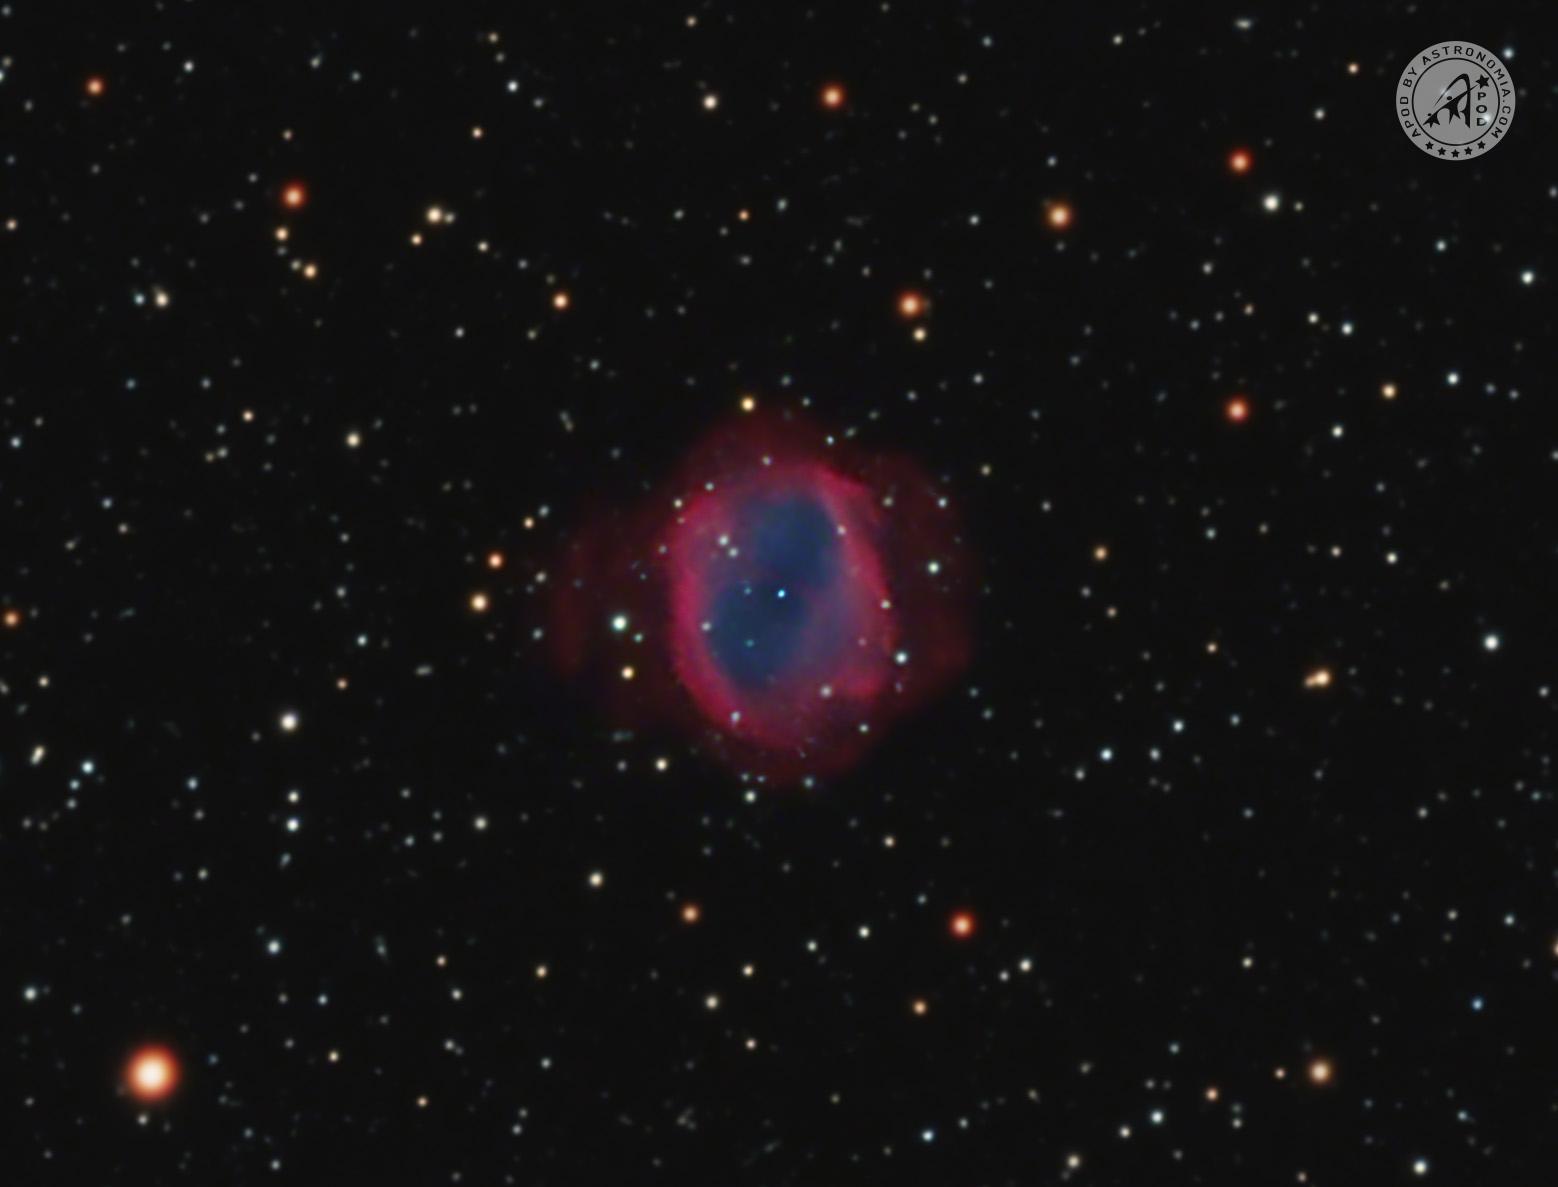 NGC 6772